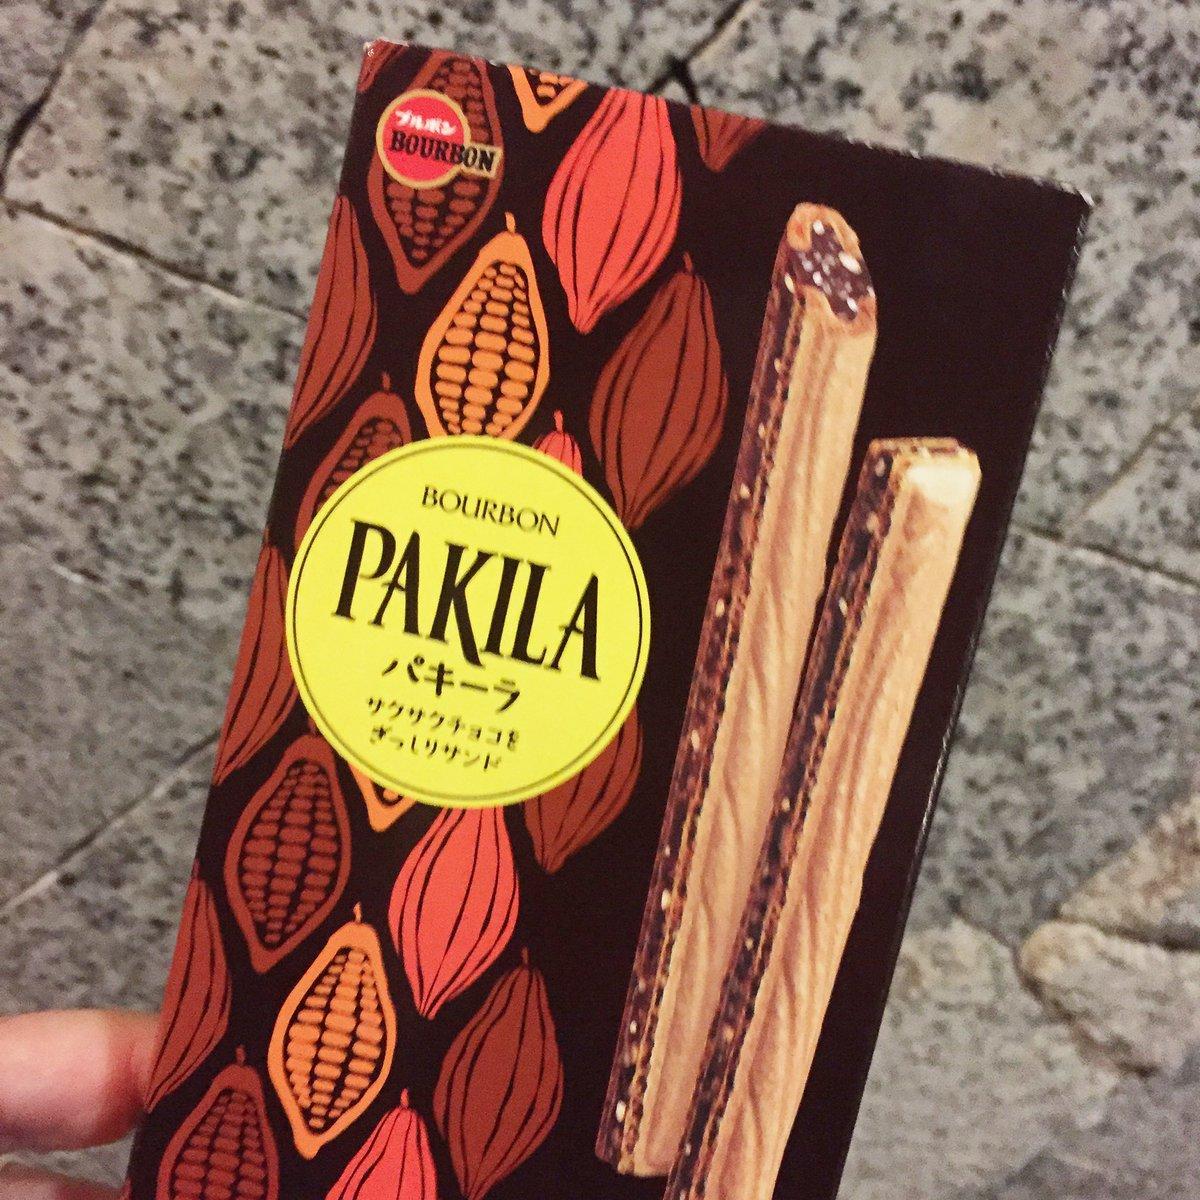 パキーラ「パキーラです!」髭の紳士「(ハッ)き、君、どこの家の者かね!?」パ「ブルボン家であります!」髭「やはり……もし